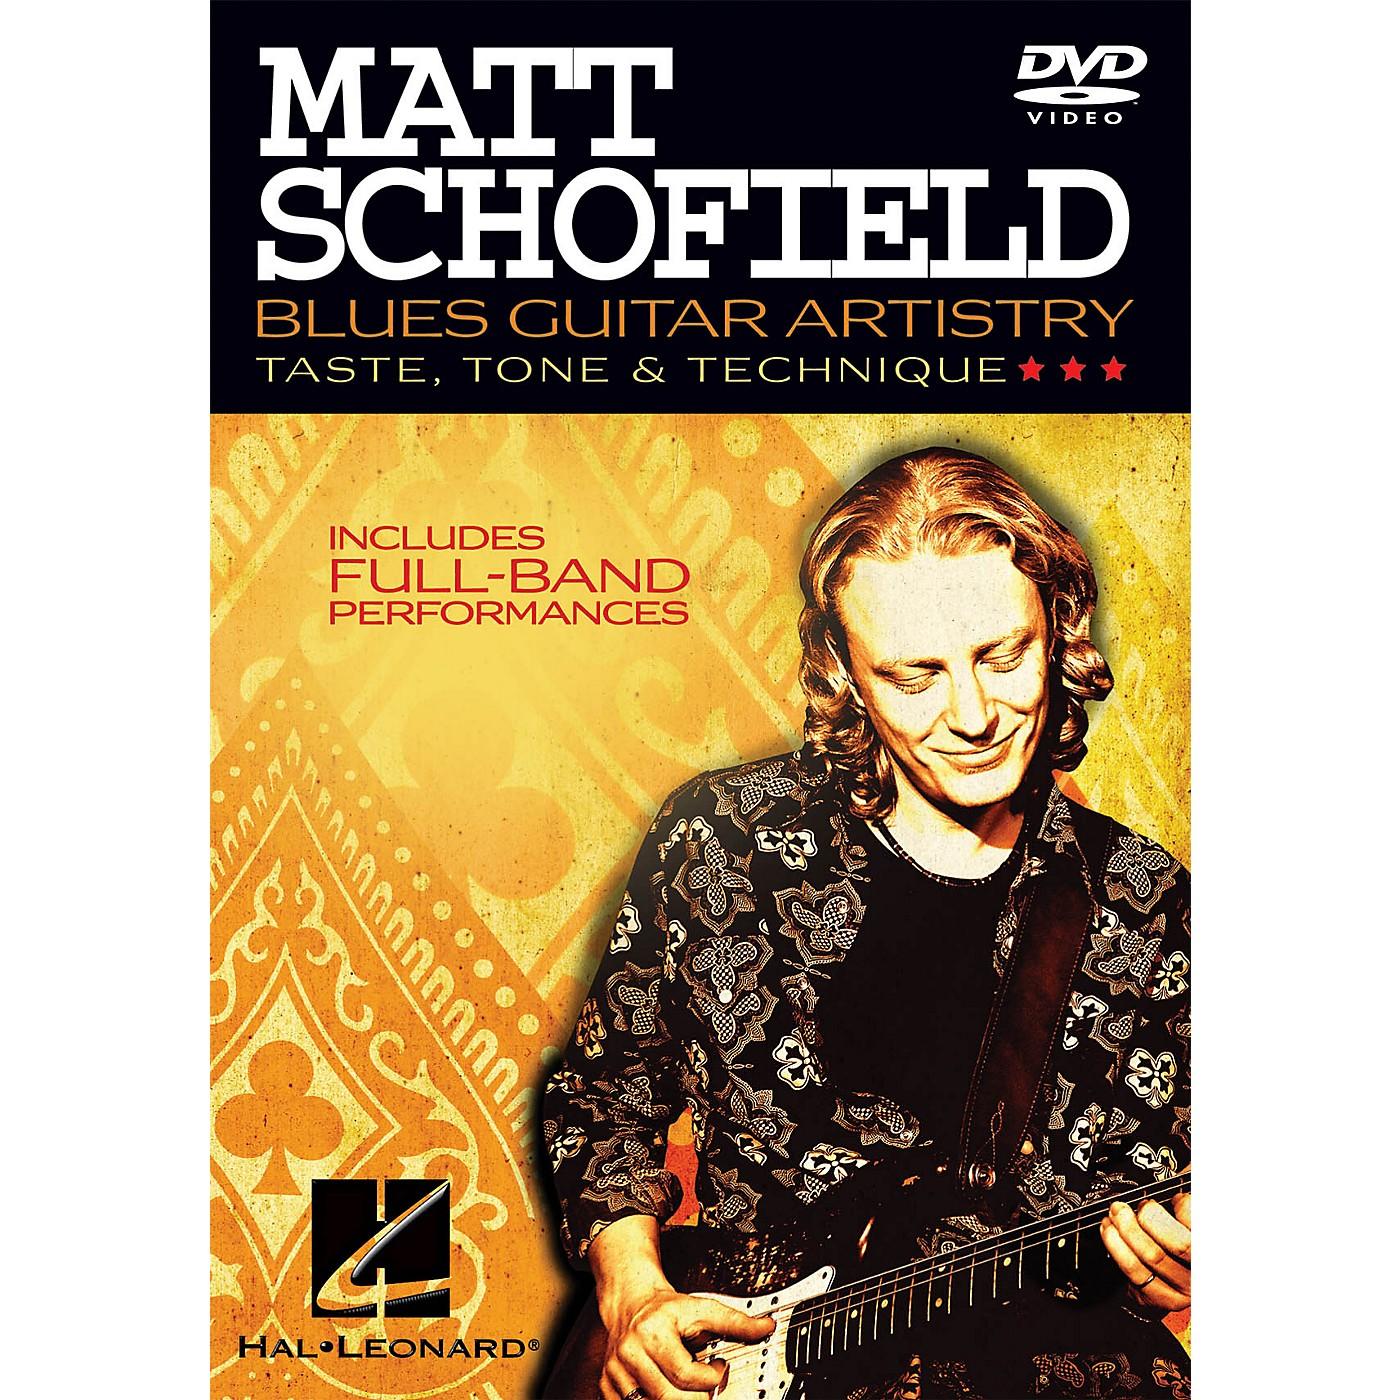 Hal Leonard Matt Schofield - Blues Guitar Artistry Instructional/Guitar/DVD Series DVD Performed by Matt Schofield thumbnail